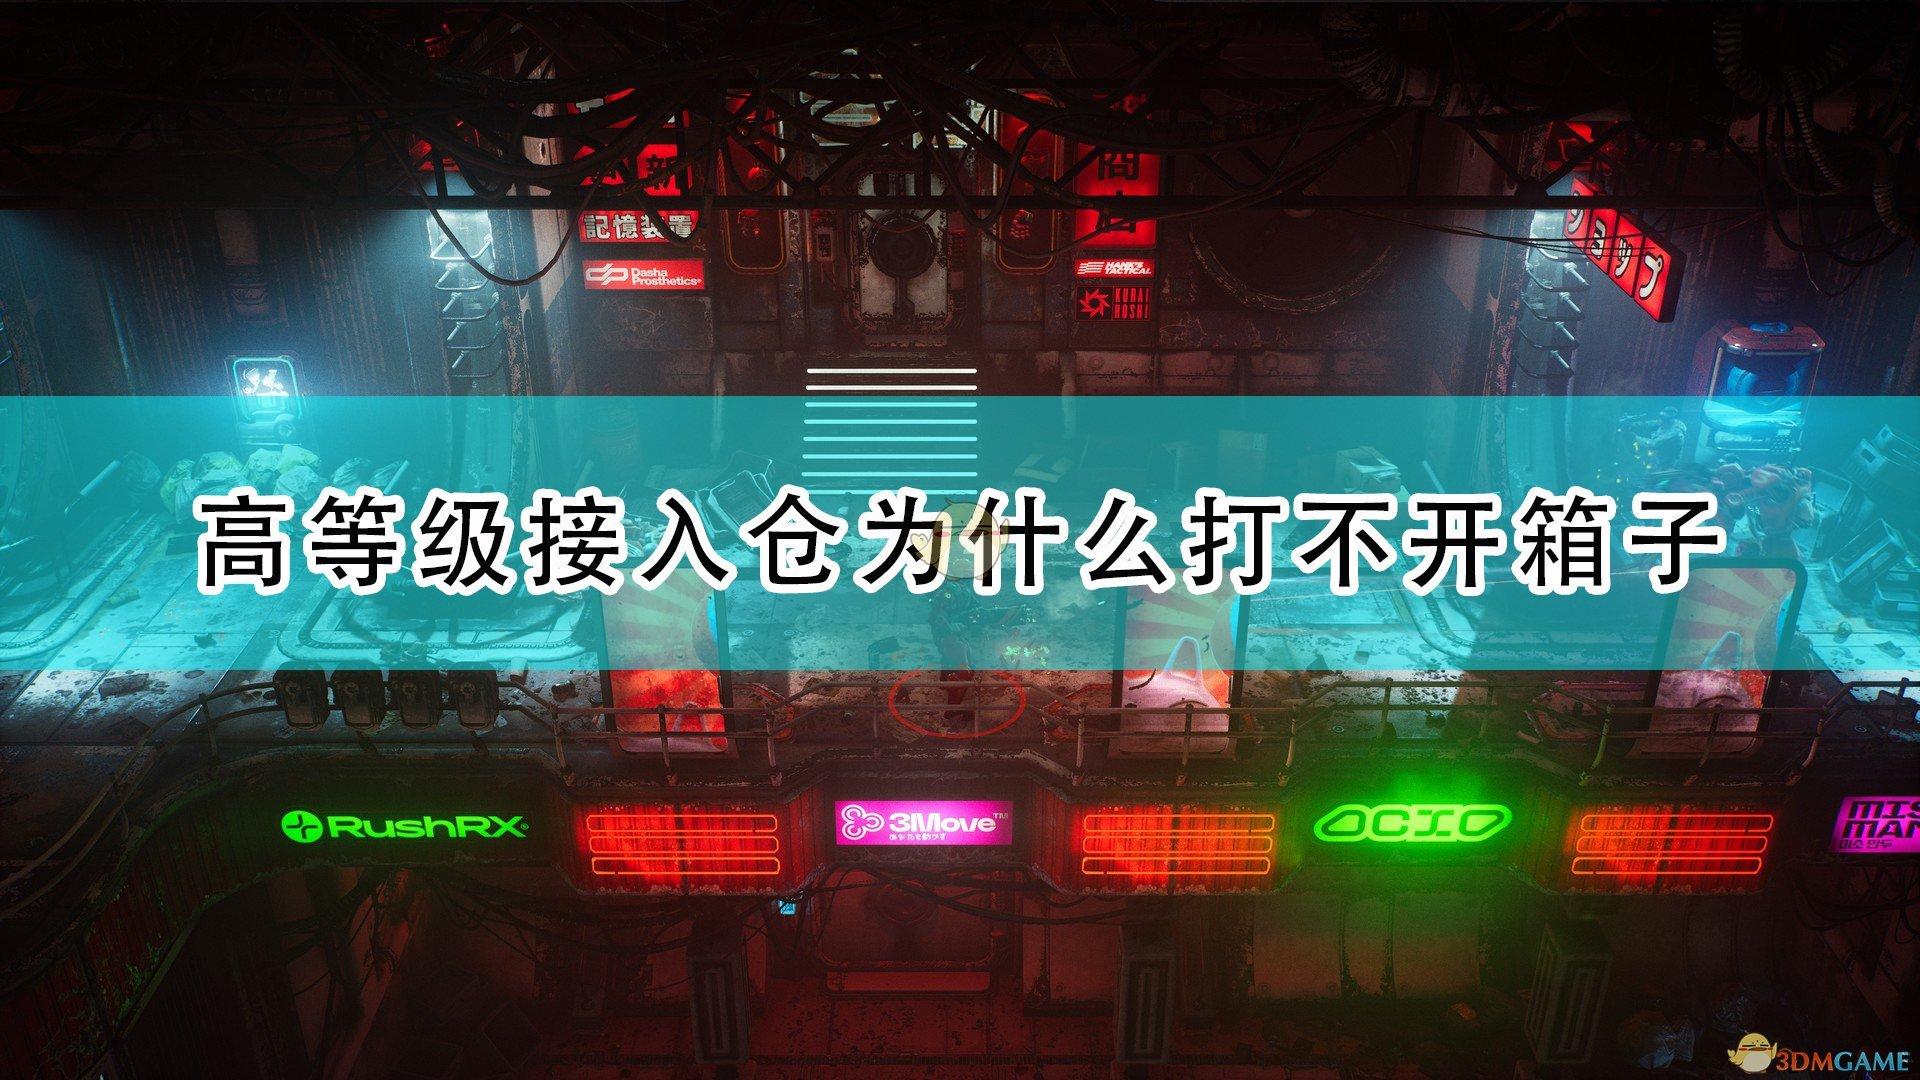 《上行戰場》高等級接入倉打不開低等級箱子原因介紹